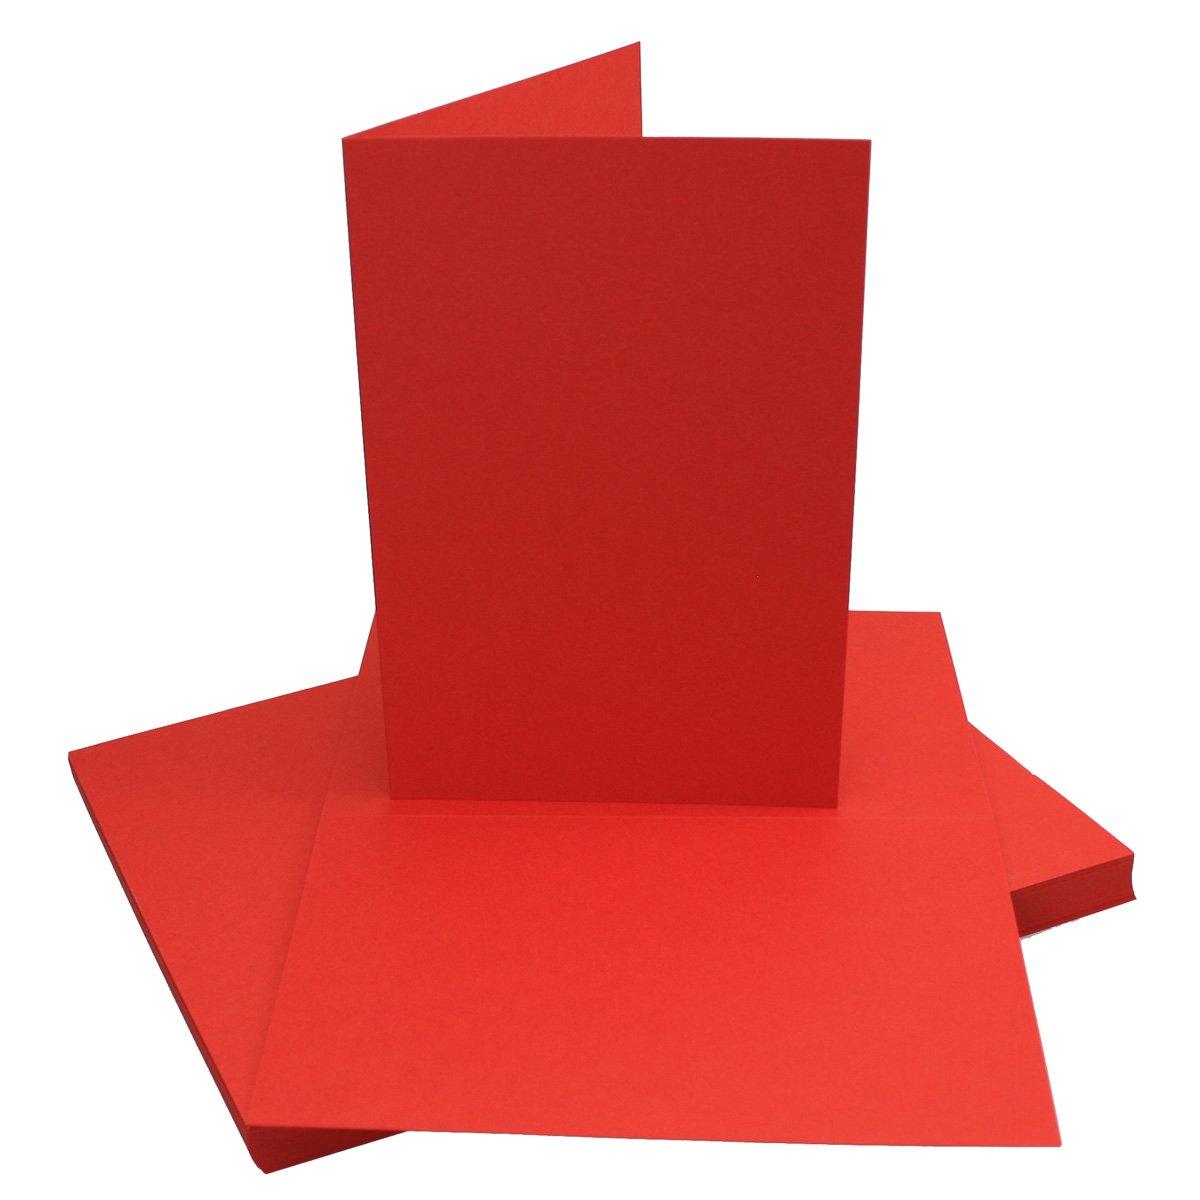 250x Falt-Karten DIN A6 Blanko Doppel-Karten in in in Hochweiß Kristallweiß -10,5 x 14,8 cm   Premium Qualität   FarbenFroh® B078TGNT5J | Einfach zu spielen, freies Leben  e9495b